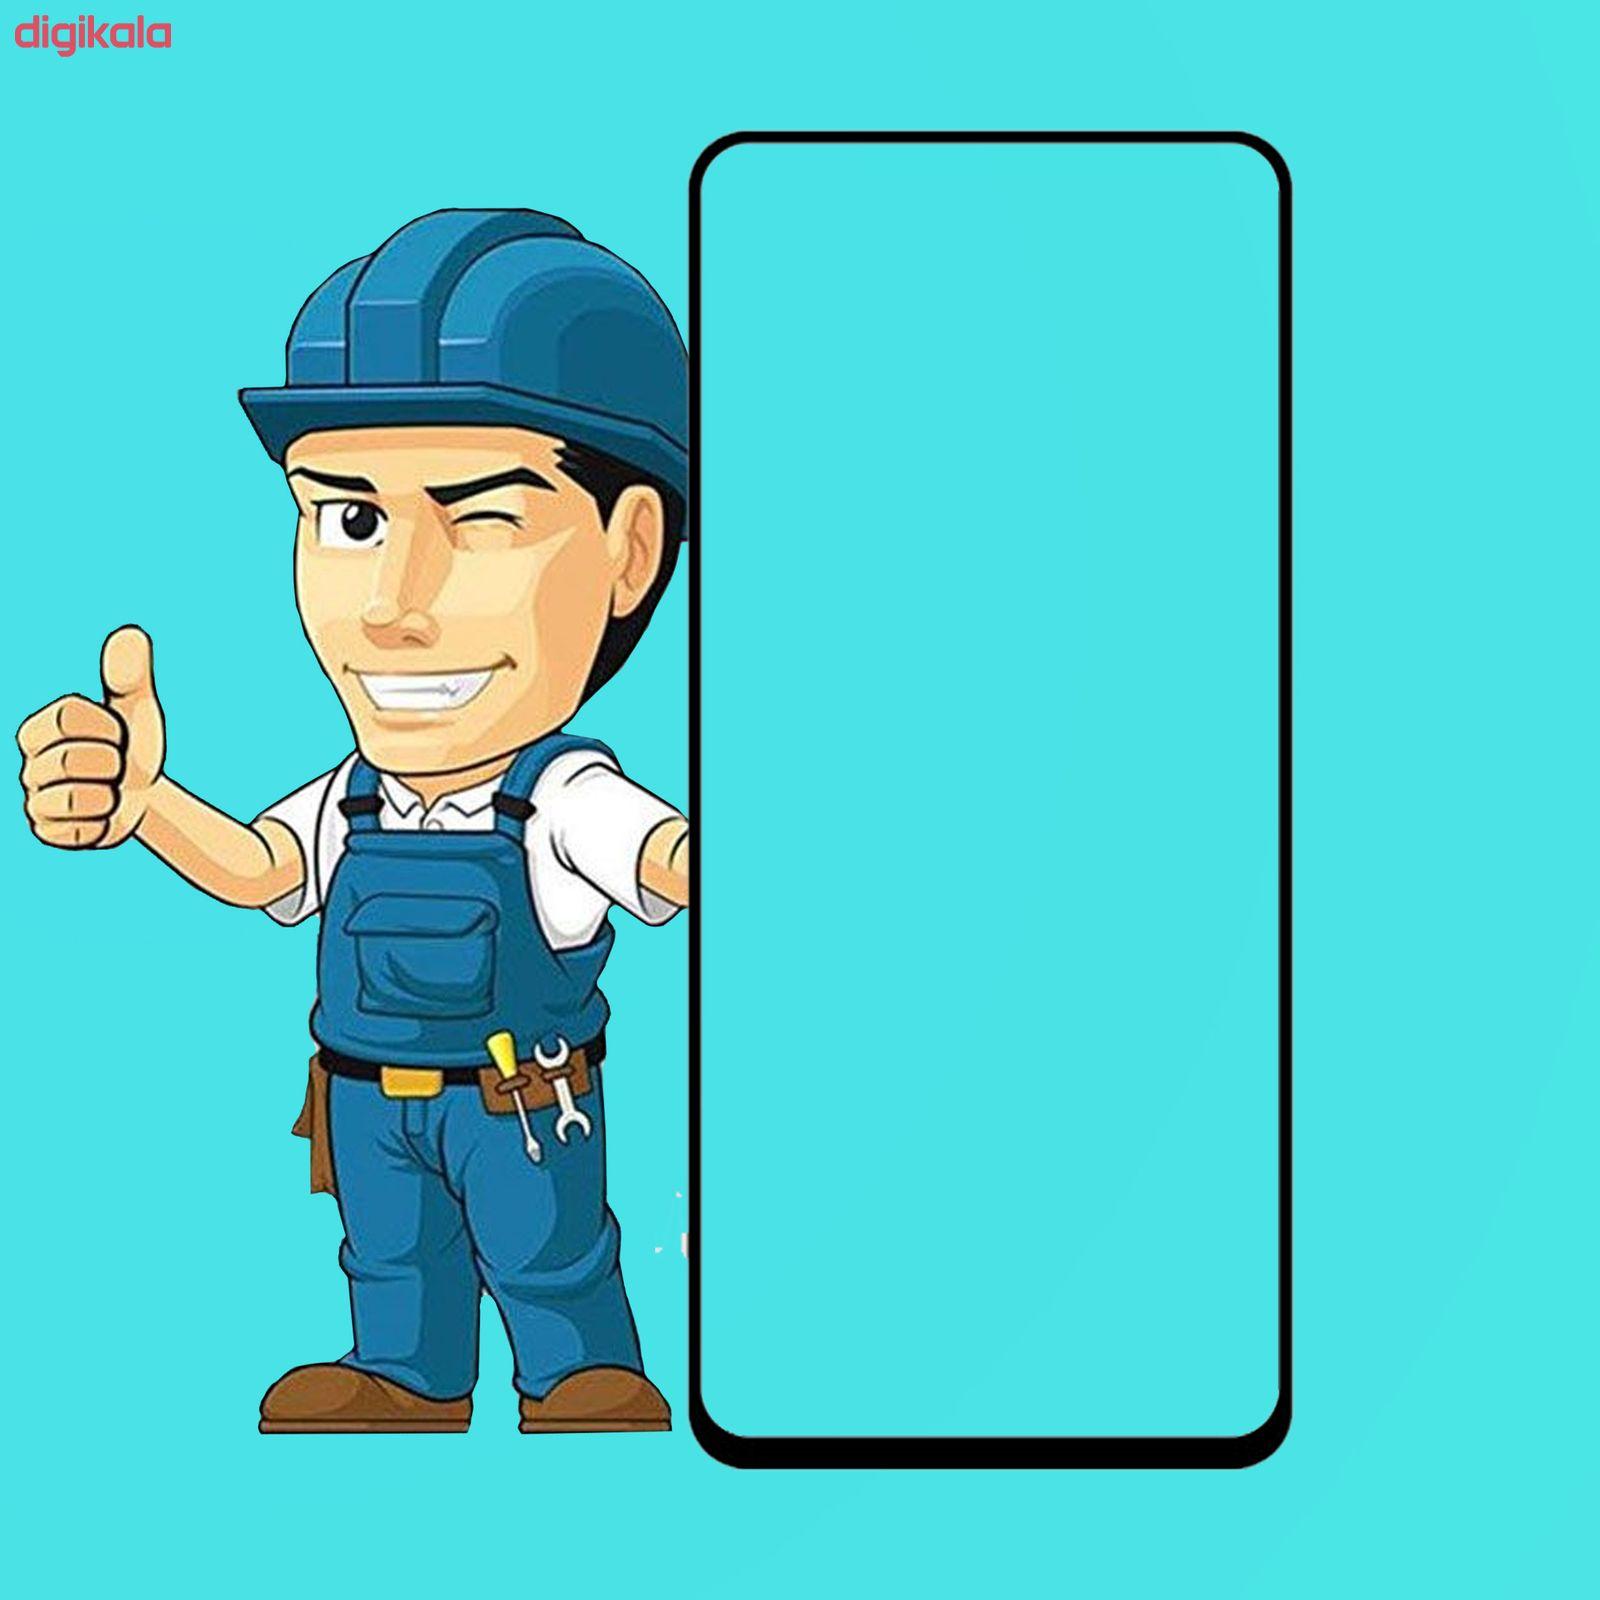 محافظ صفحه نمایش مدل CRMP مناسب برای گوشی موبایل شیائومی Redmi Note 9S / Note 9 Pro main 1 1